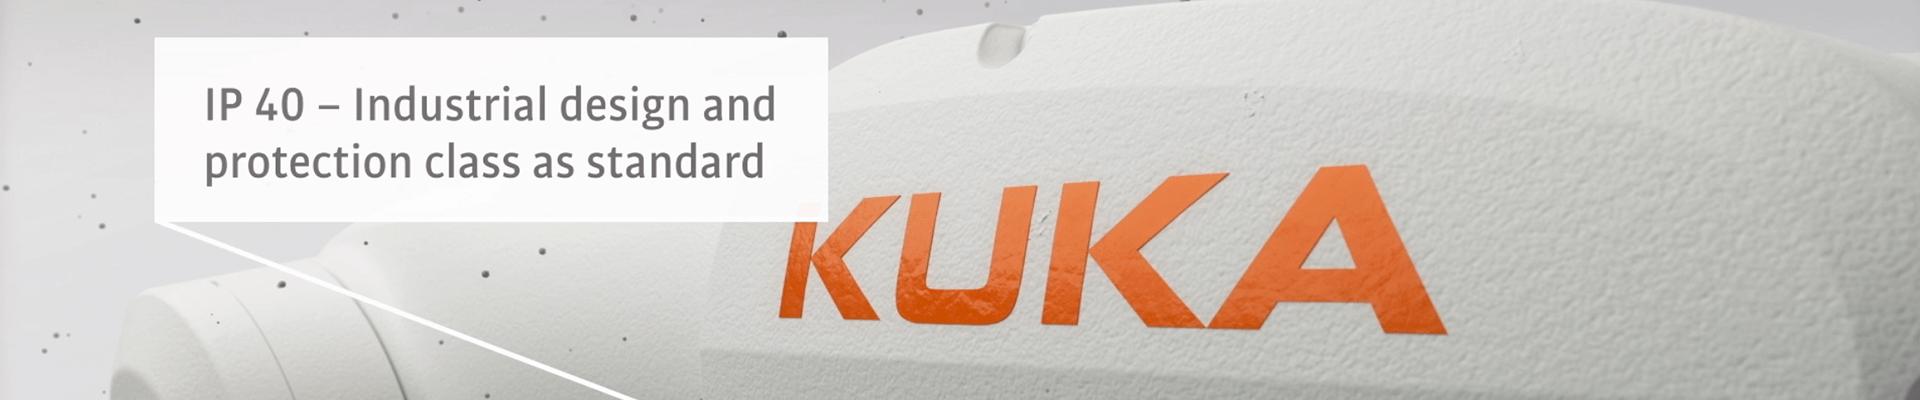 Kuka_KR$_01